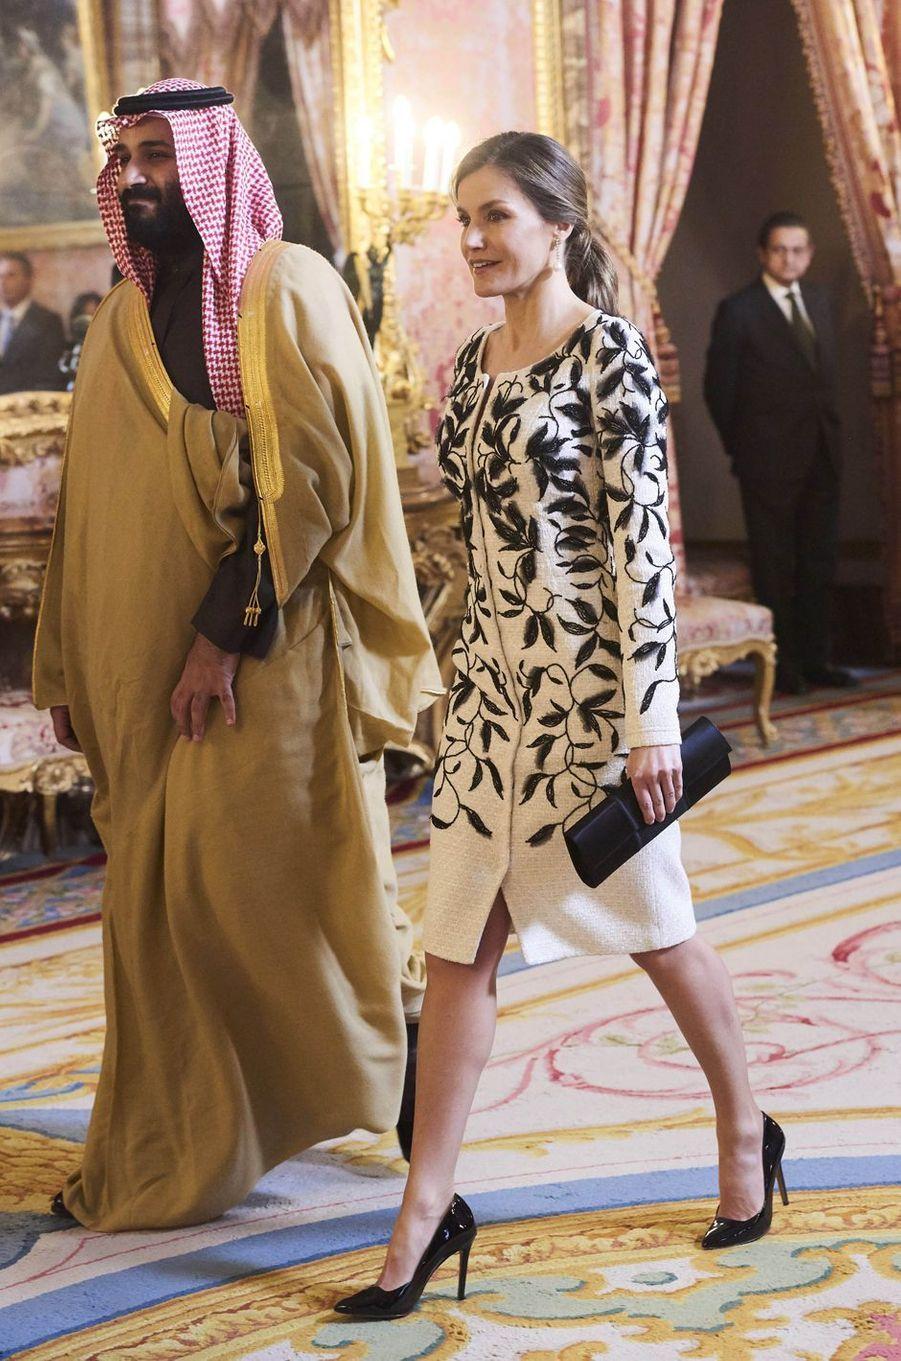 La reine Letizia d'Espagne avec le prince héritier saoudien Mohammed ben Salmane à Madrid, le 12 avril 2018